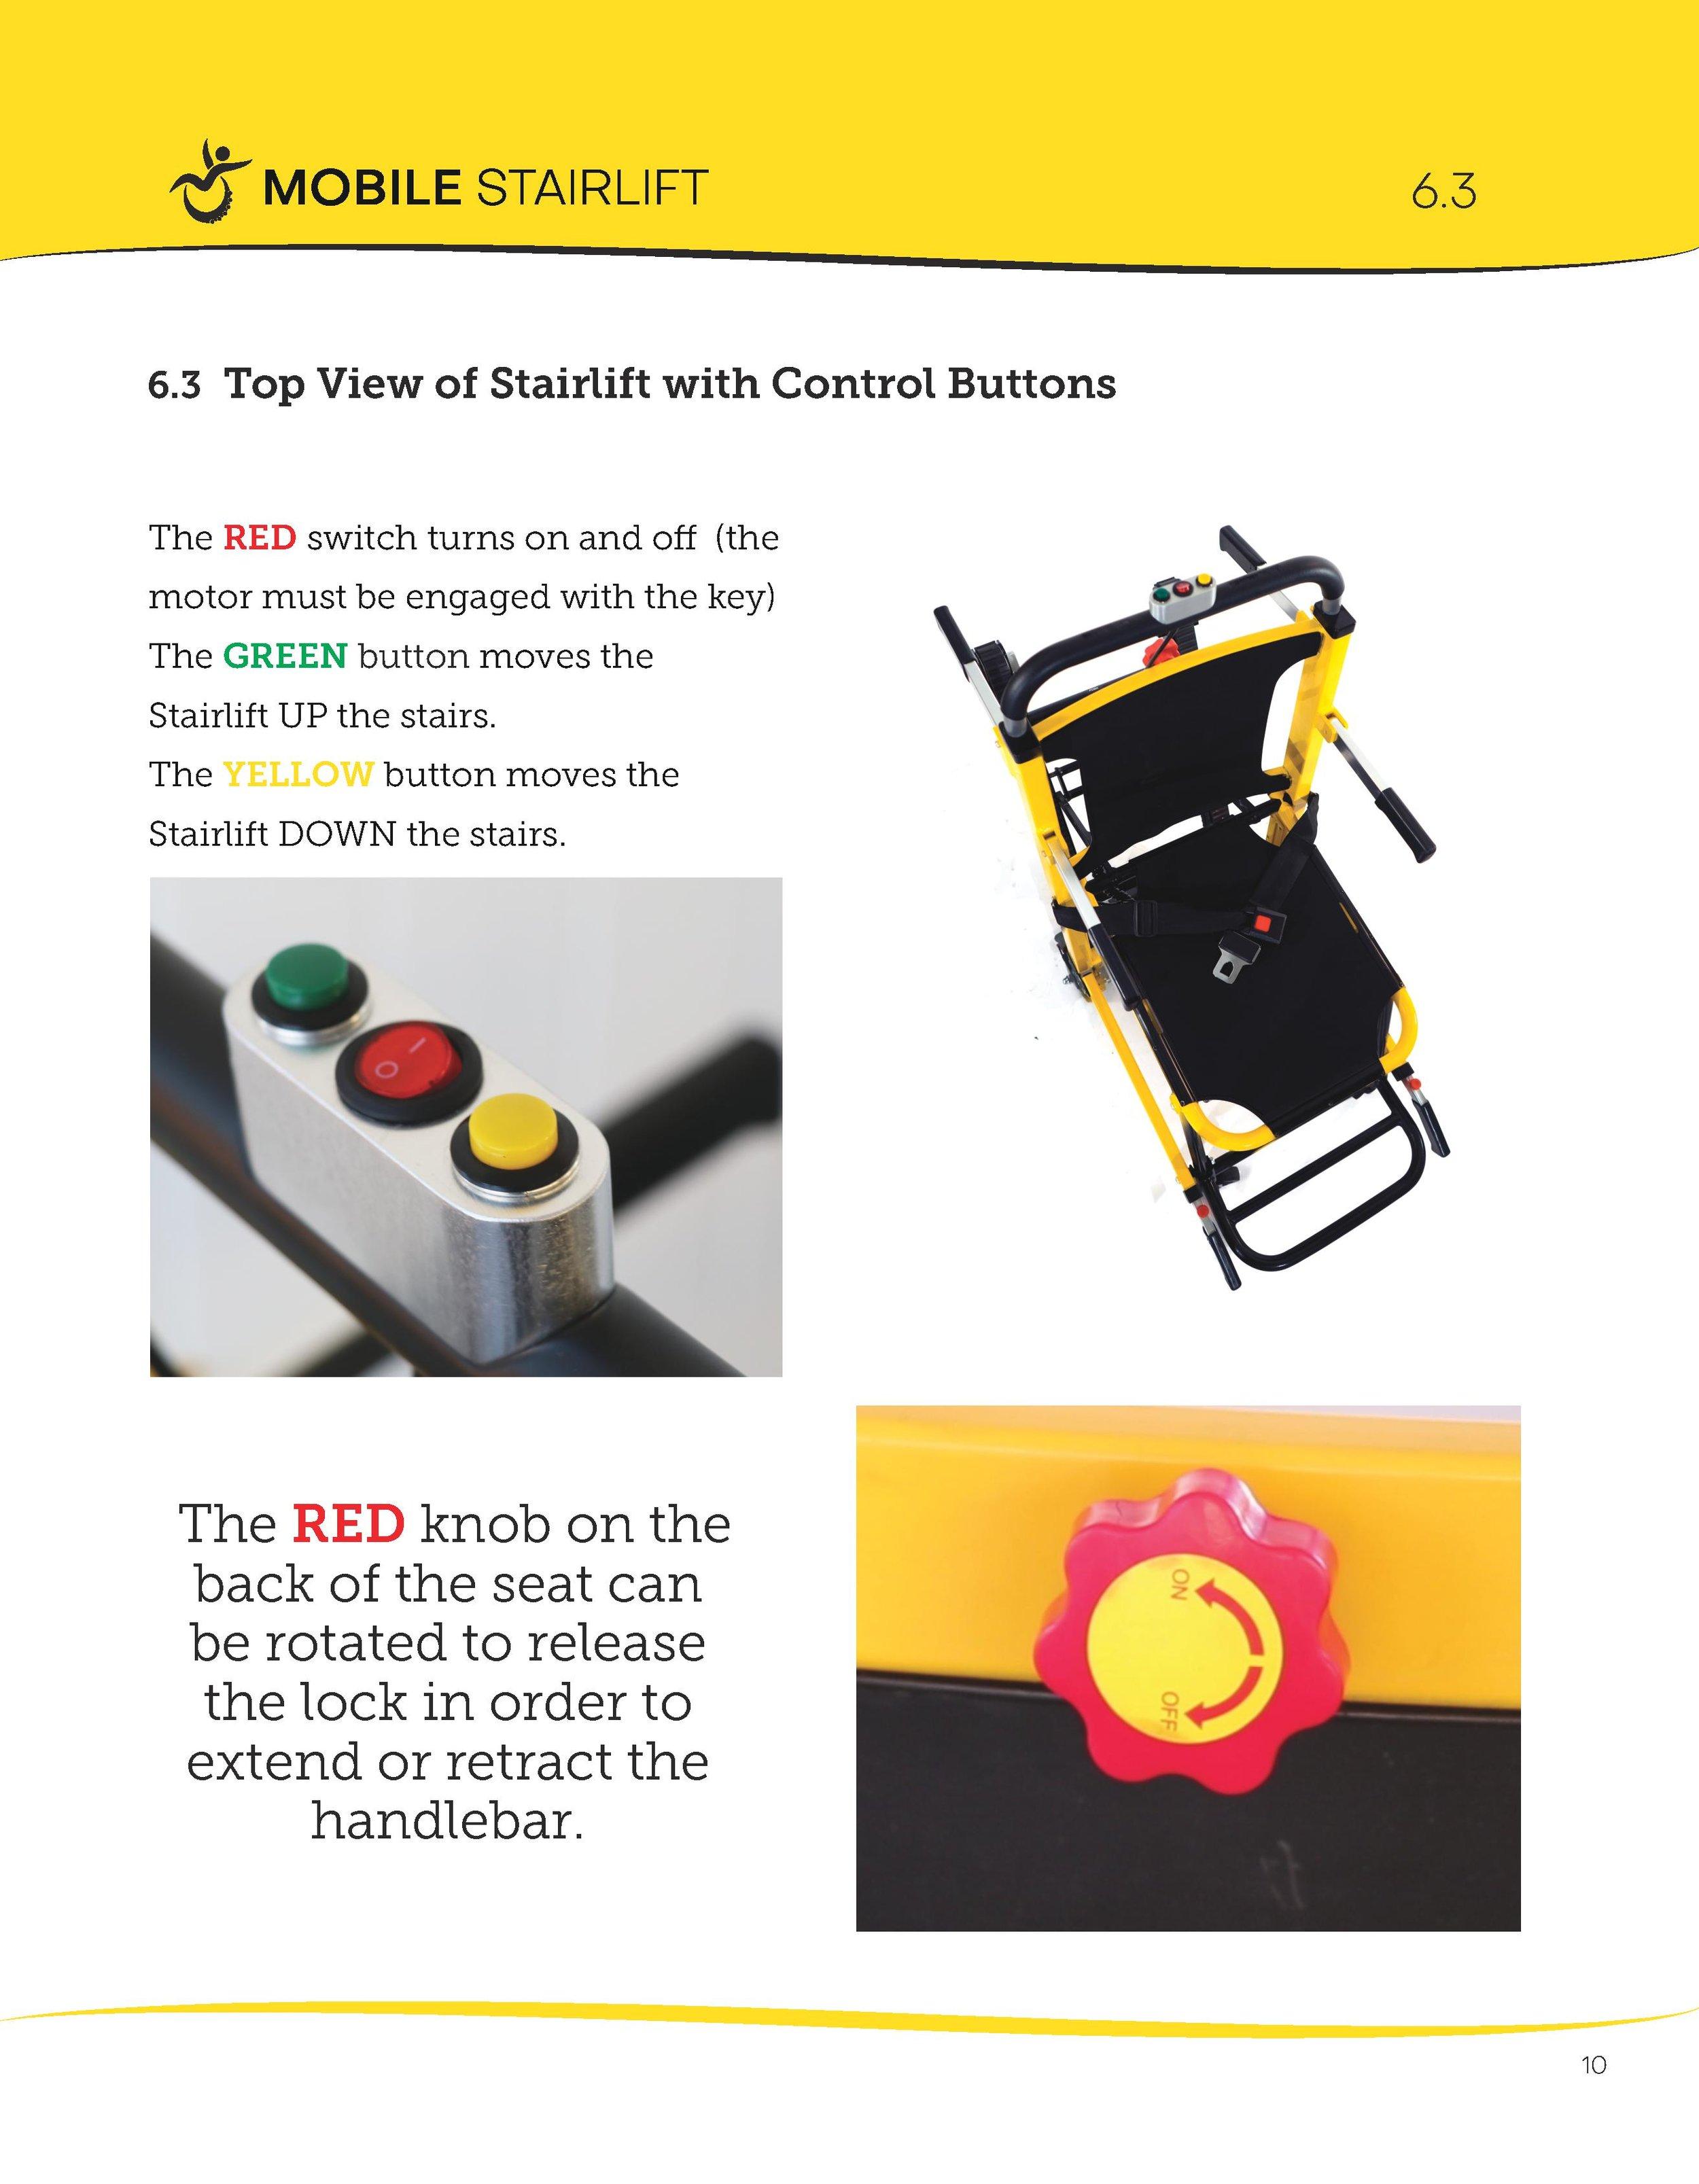 Mobile Stairlift Instruction Manual-11.jpg